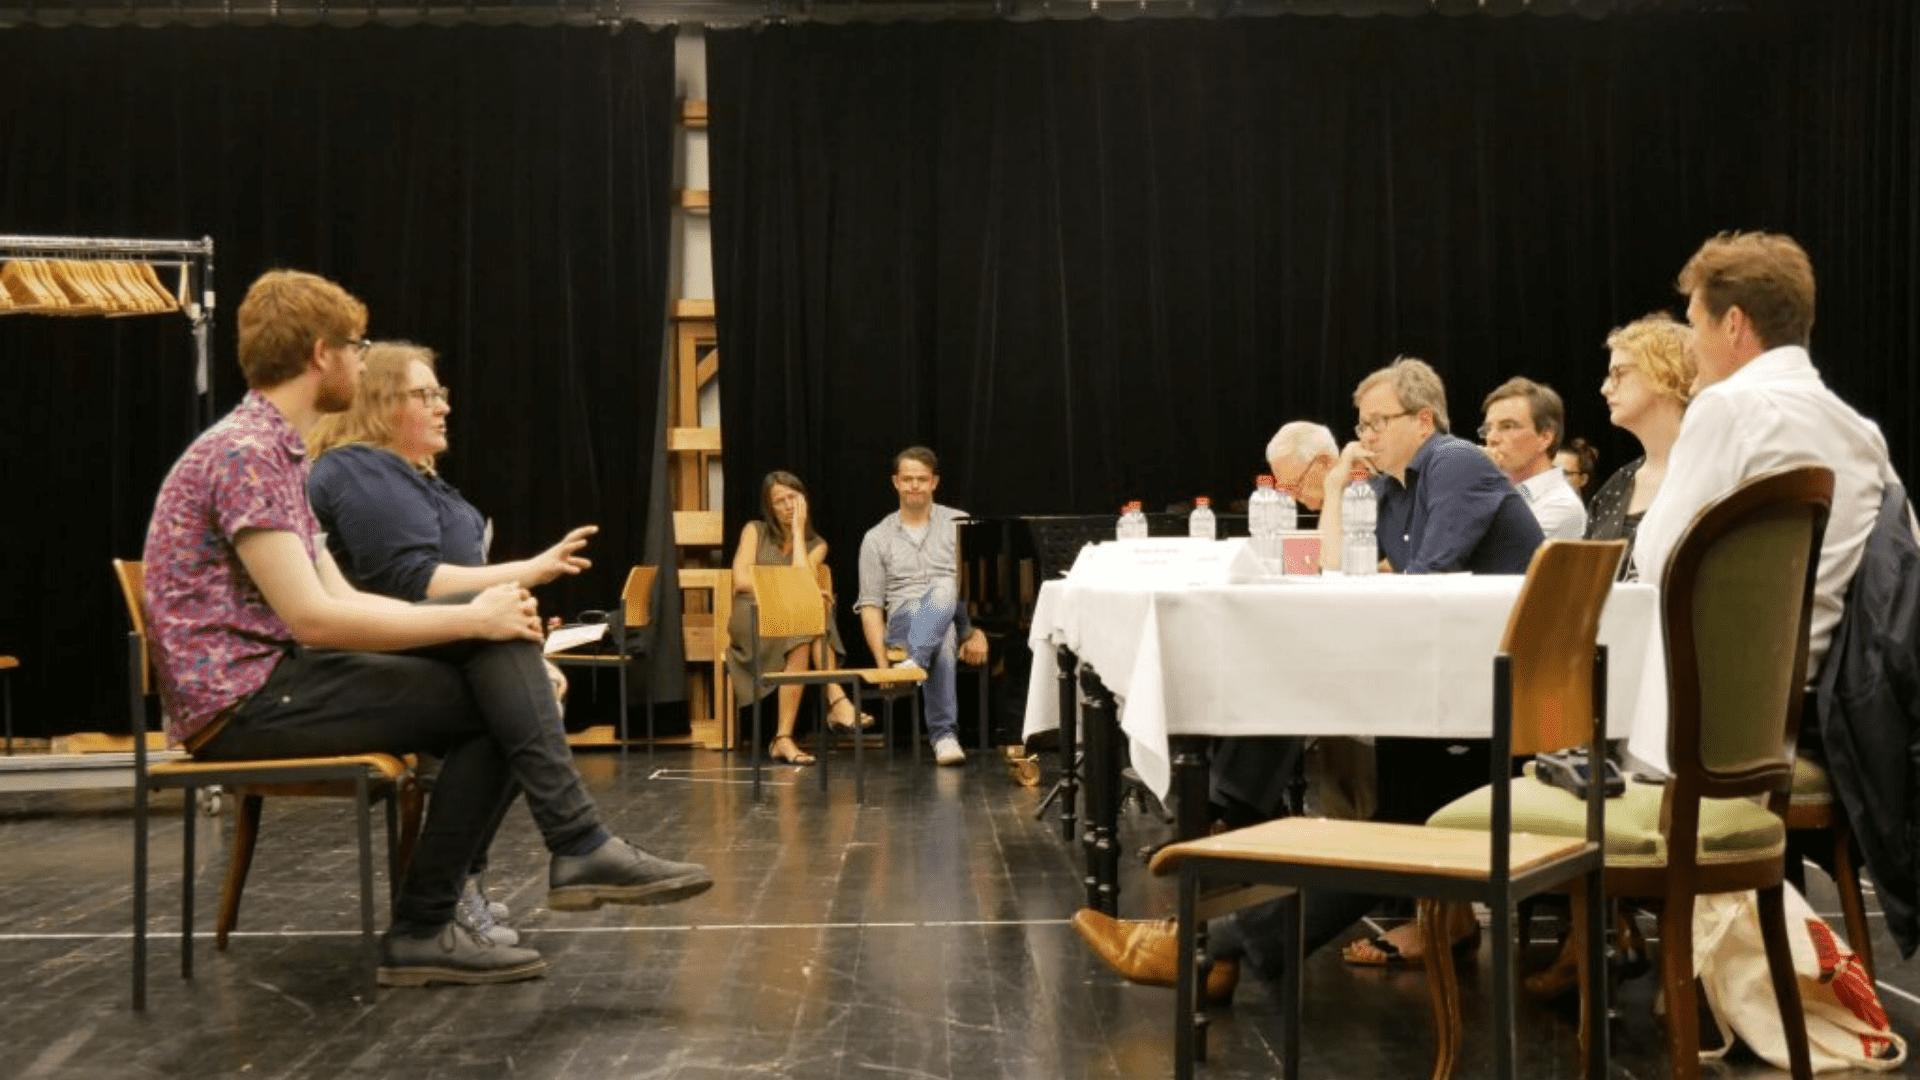 Die-Jury-befragt-die-Kanidaten